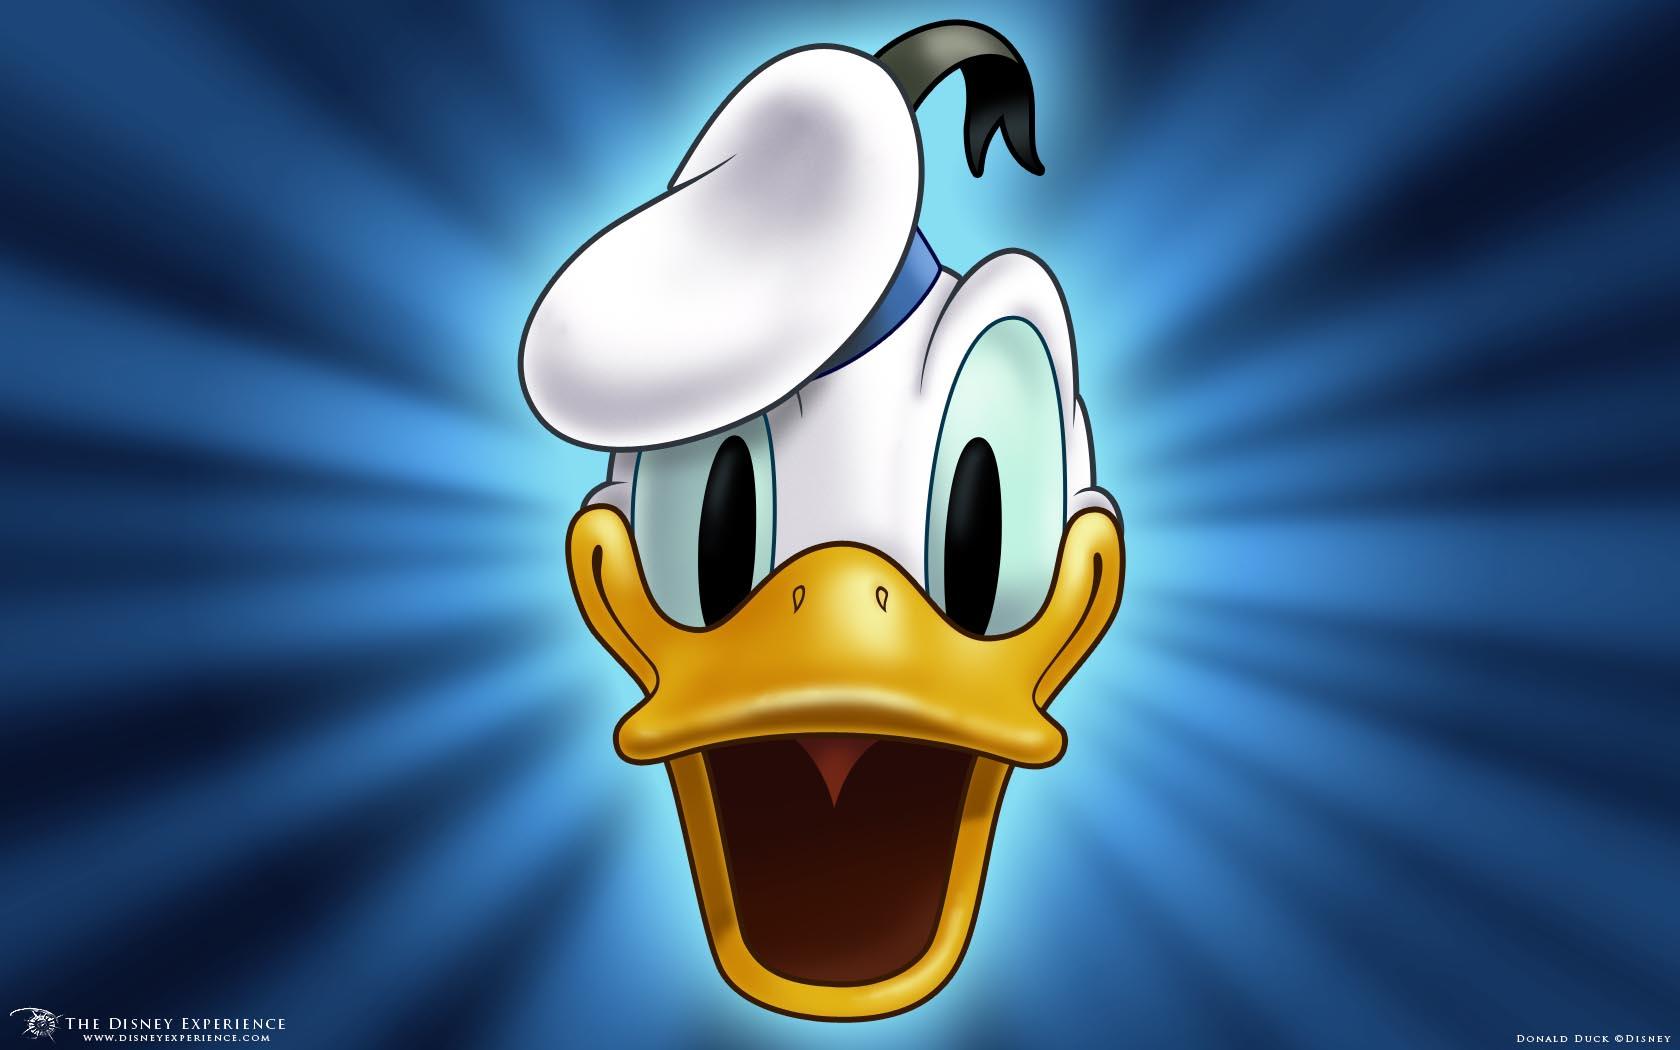 Donald Duck Wallpaper Face HD